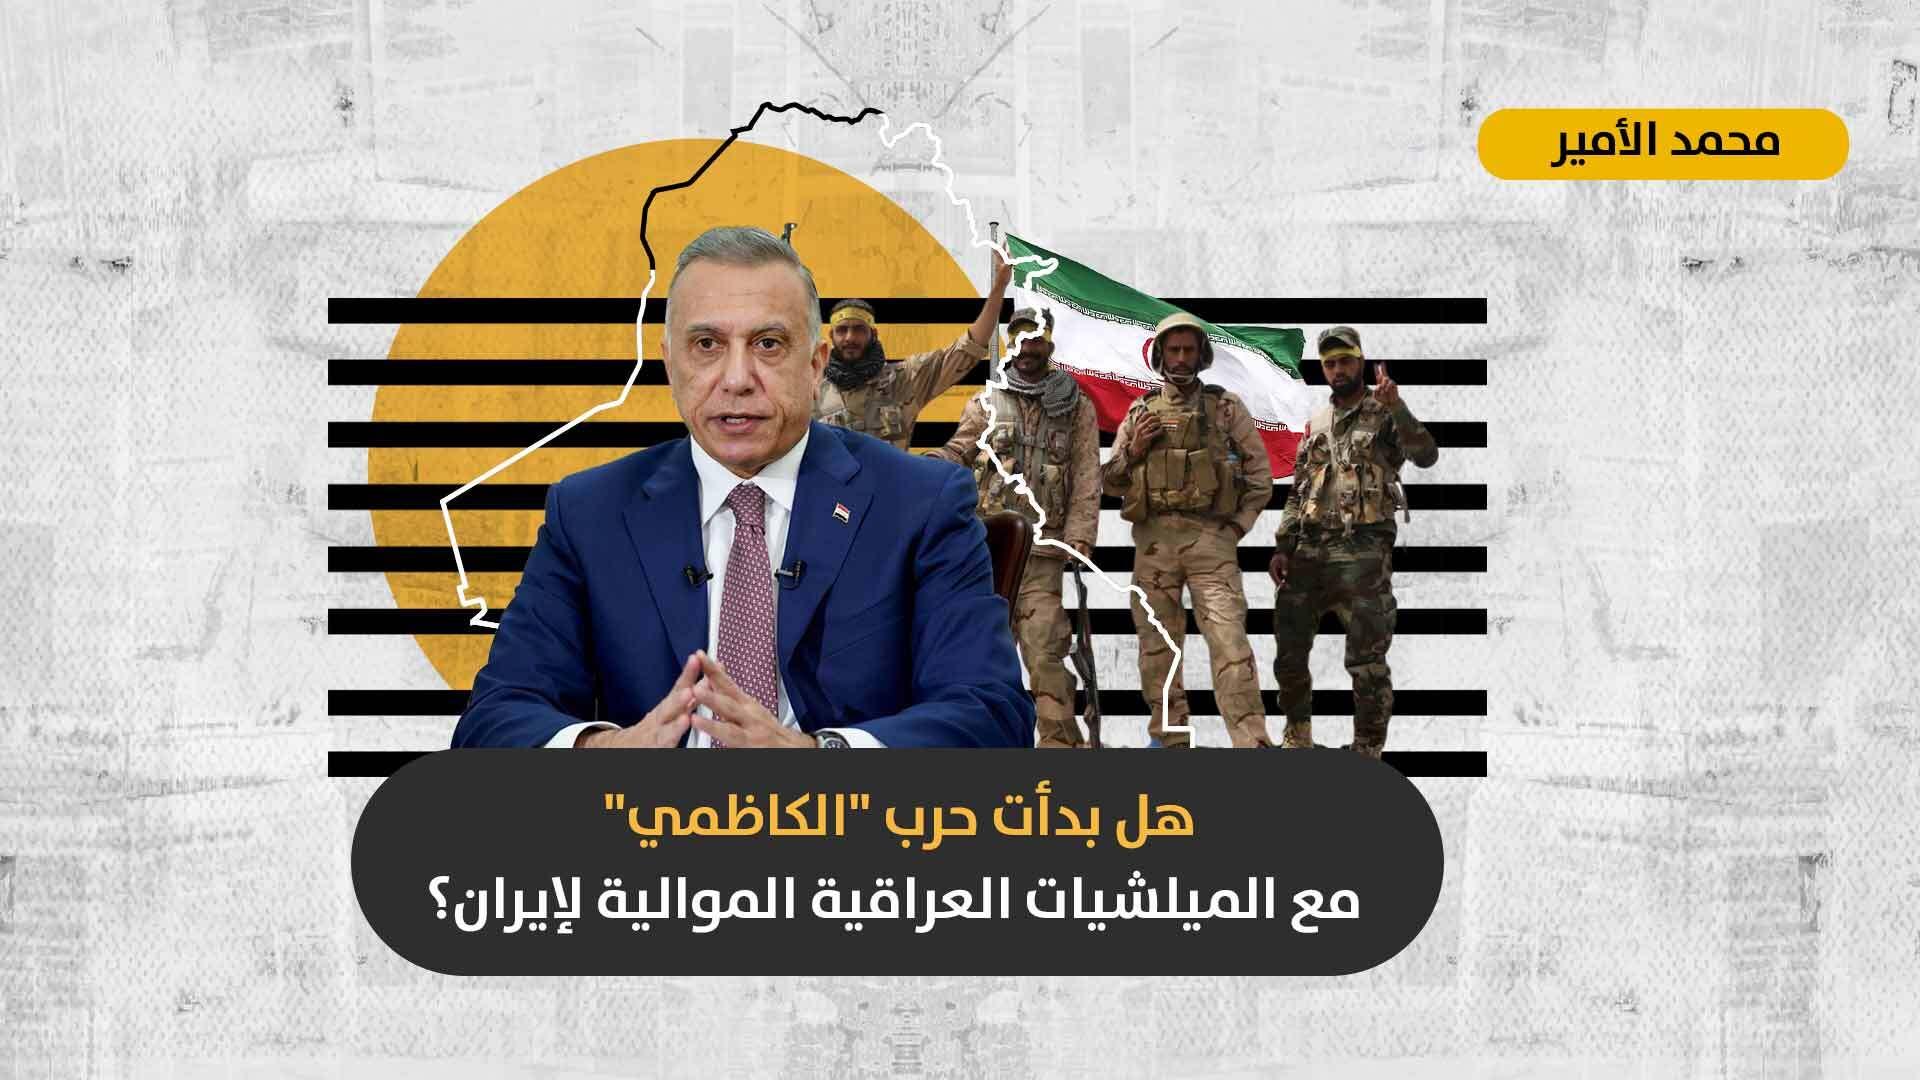 تغييرات أمنية في المحافظات المحررة: هل ستتمكن الحكومة العراقية من قطع الدعم عن الميلشيات الموالية لإيران؟